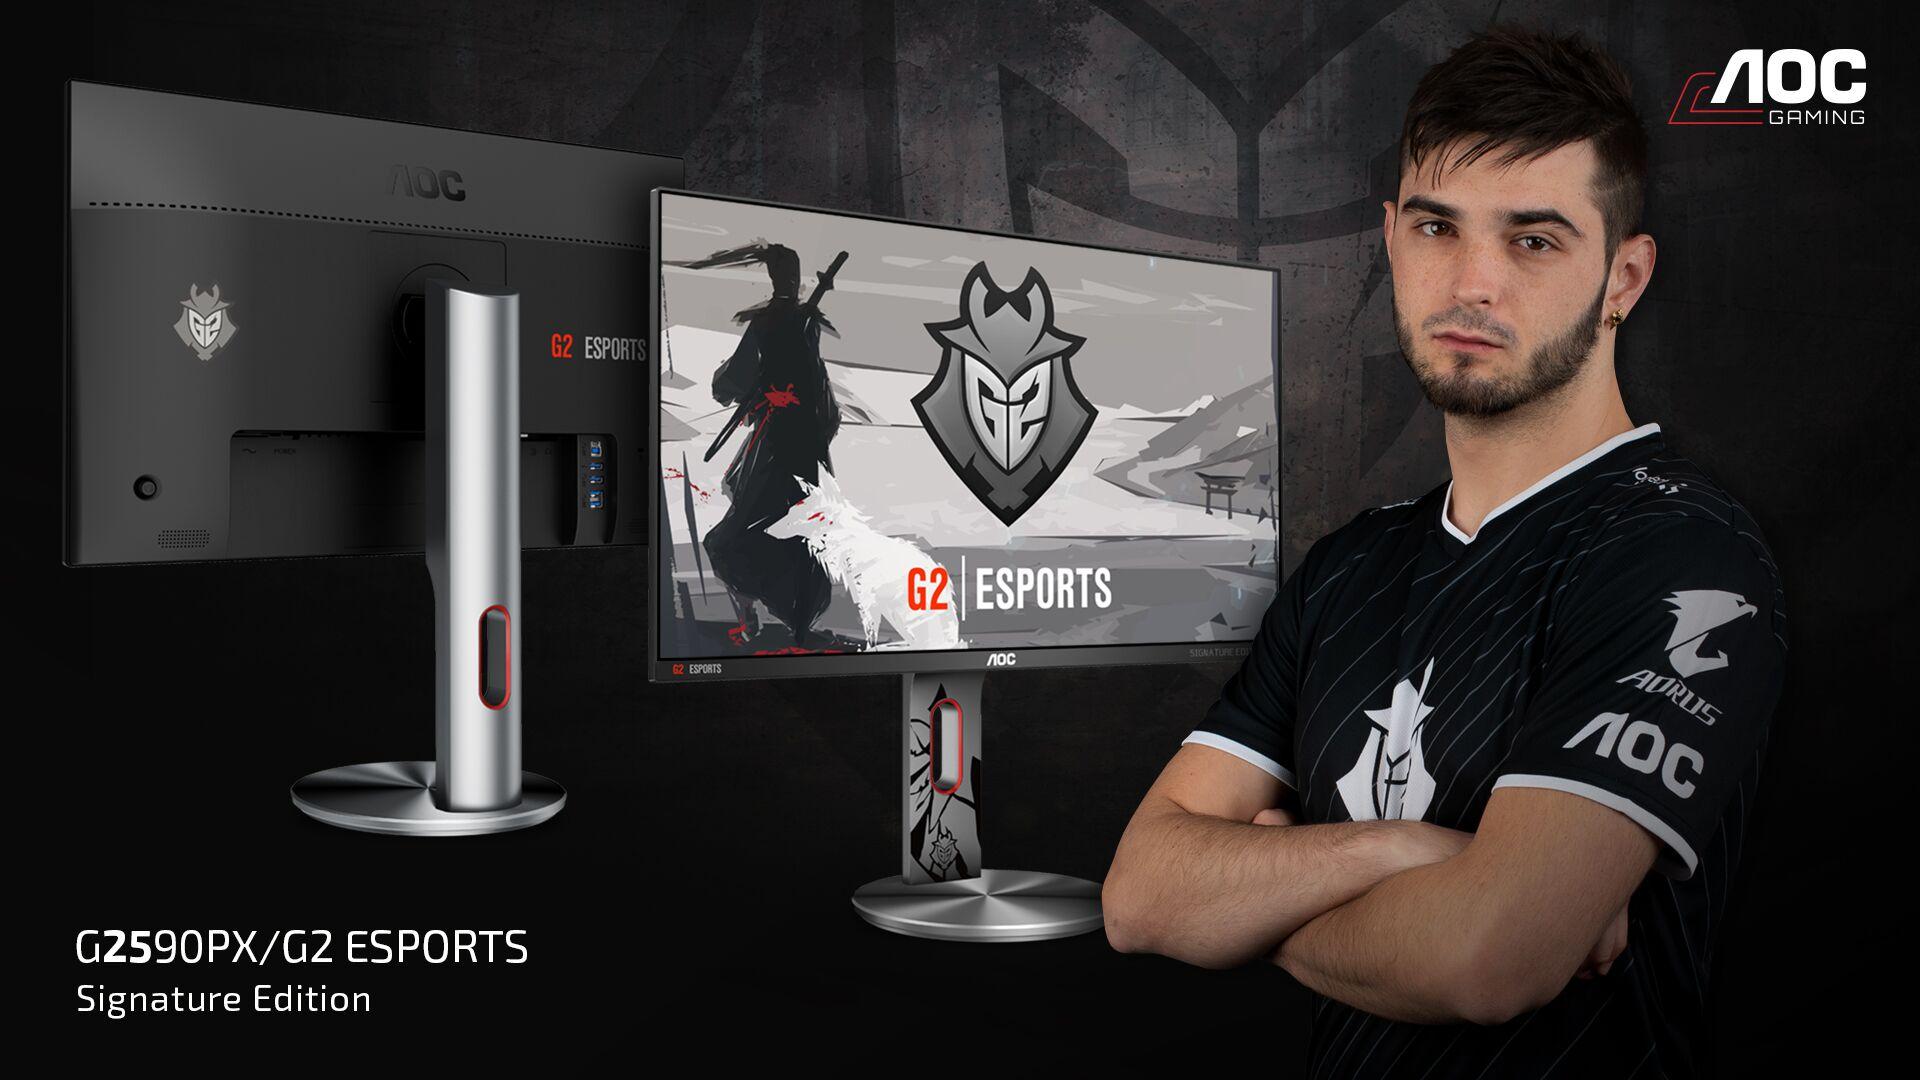 Gracze powinni być zadowoleni - monitor AOC G2590PX/G2 w wersji G2 Esports jest właśnie dla nich 17